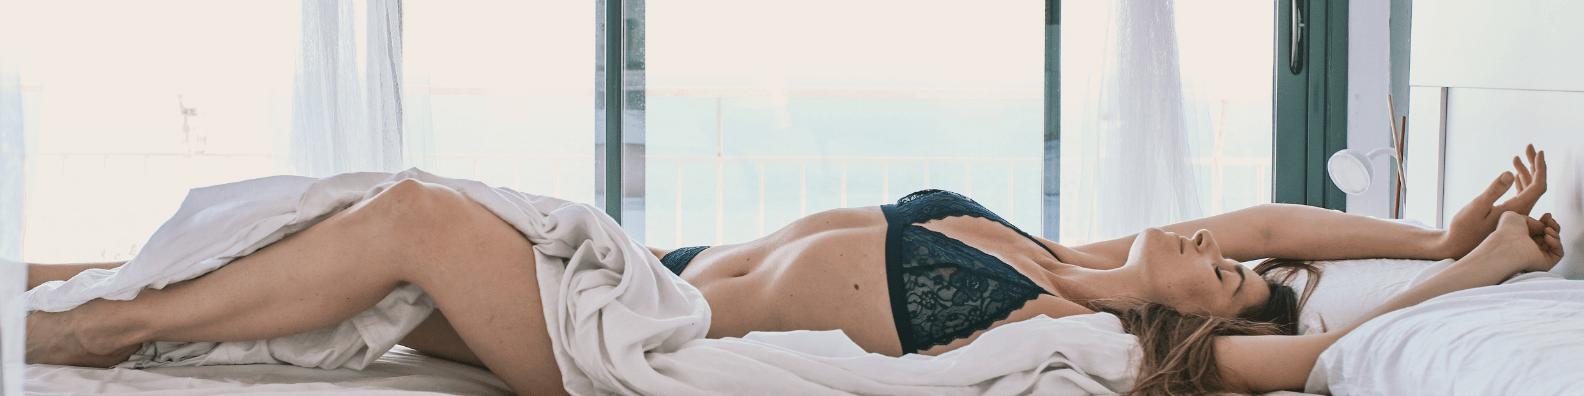 Tantric masturbation